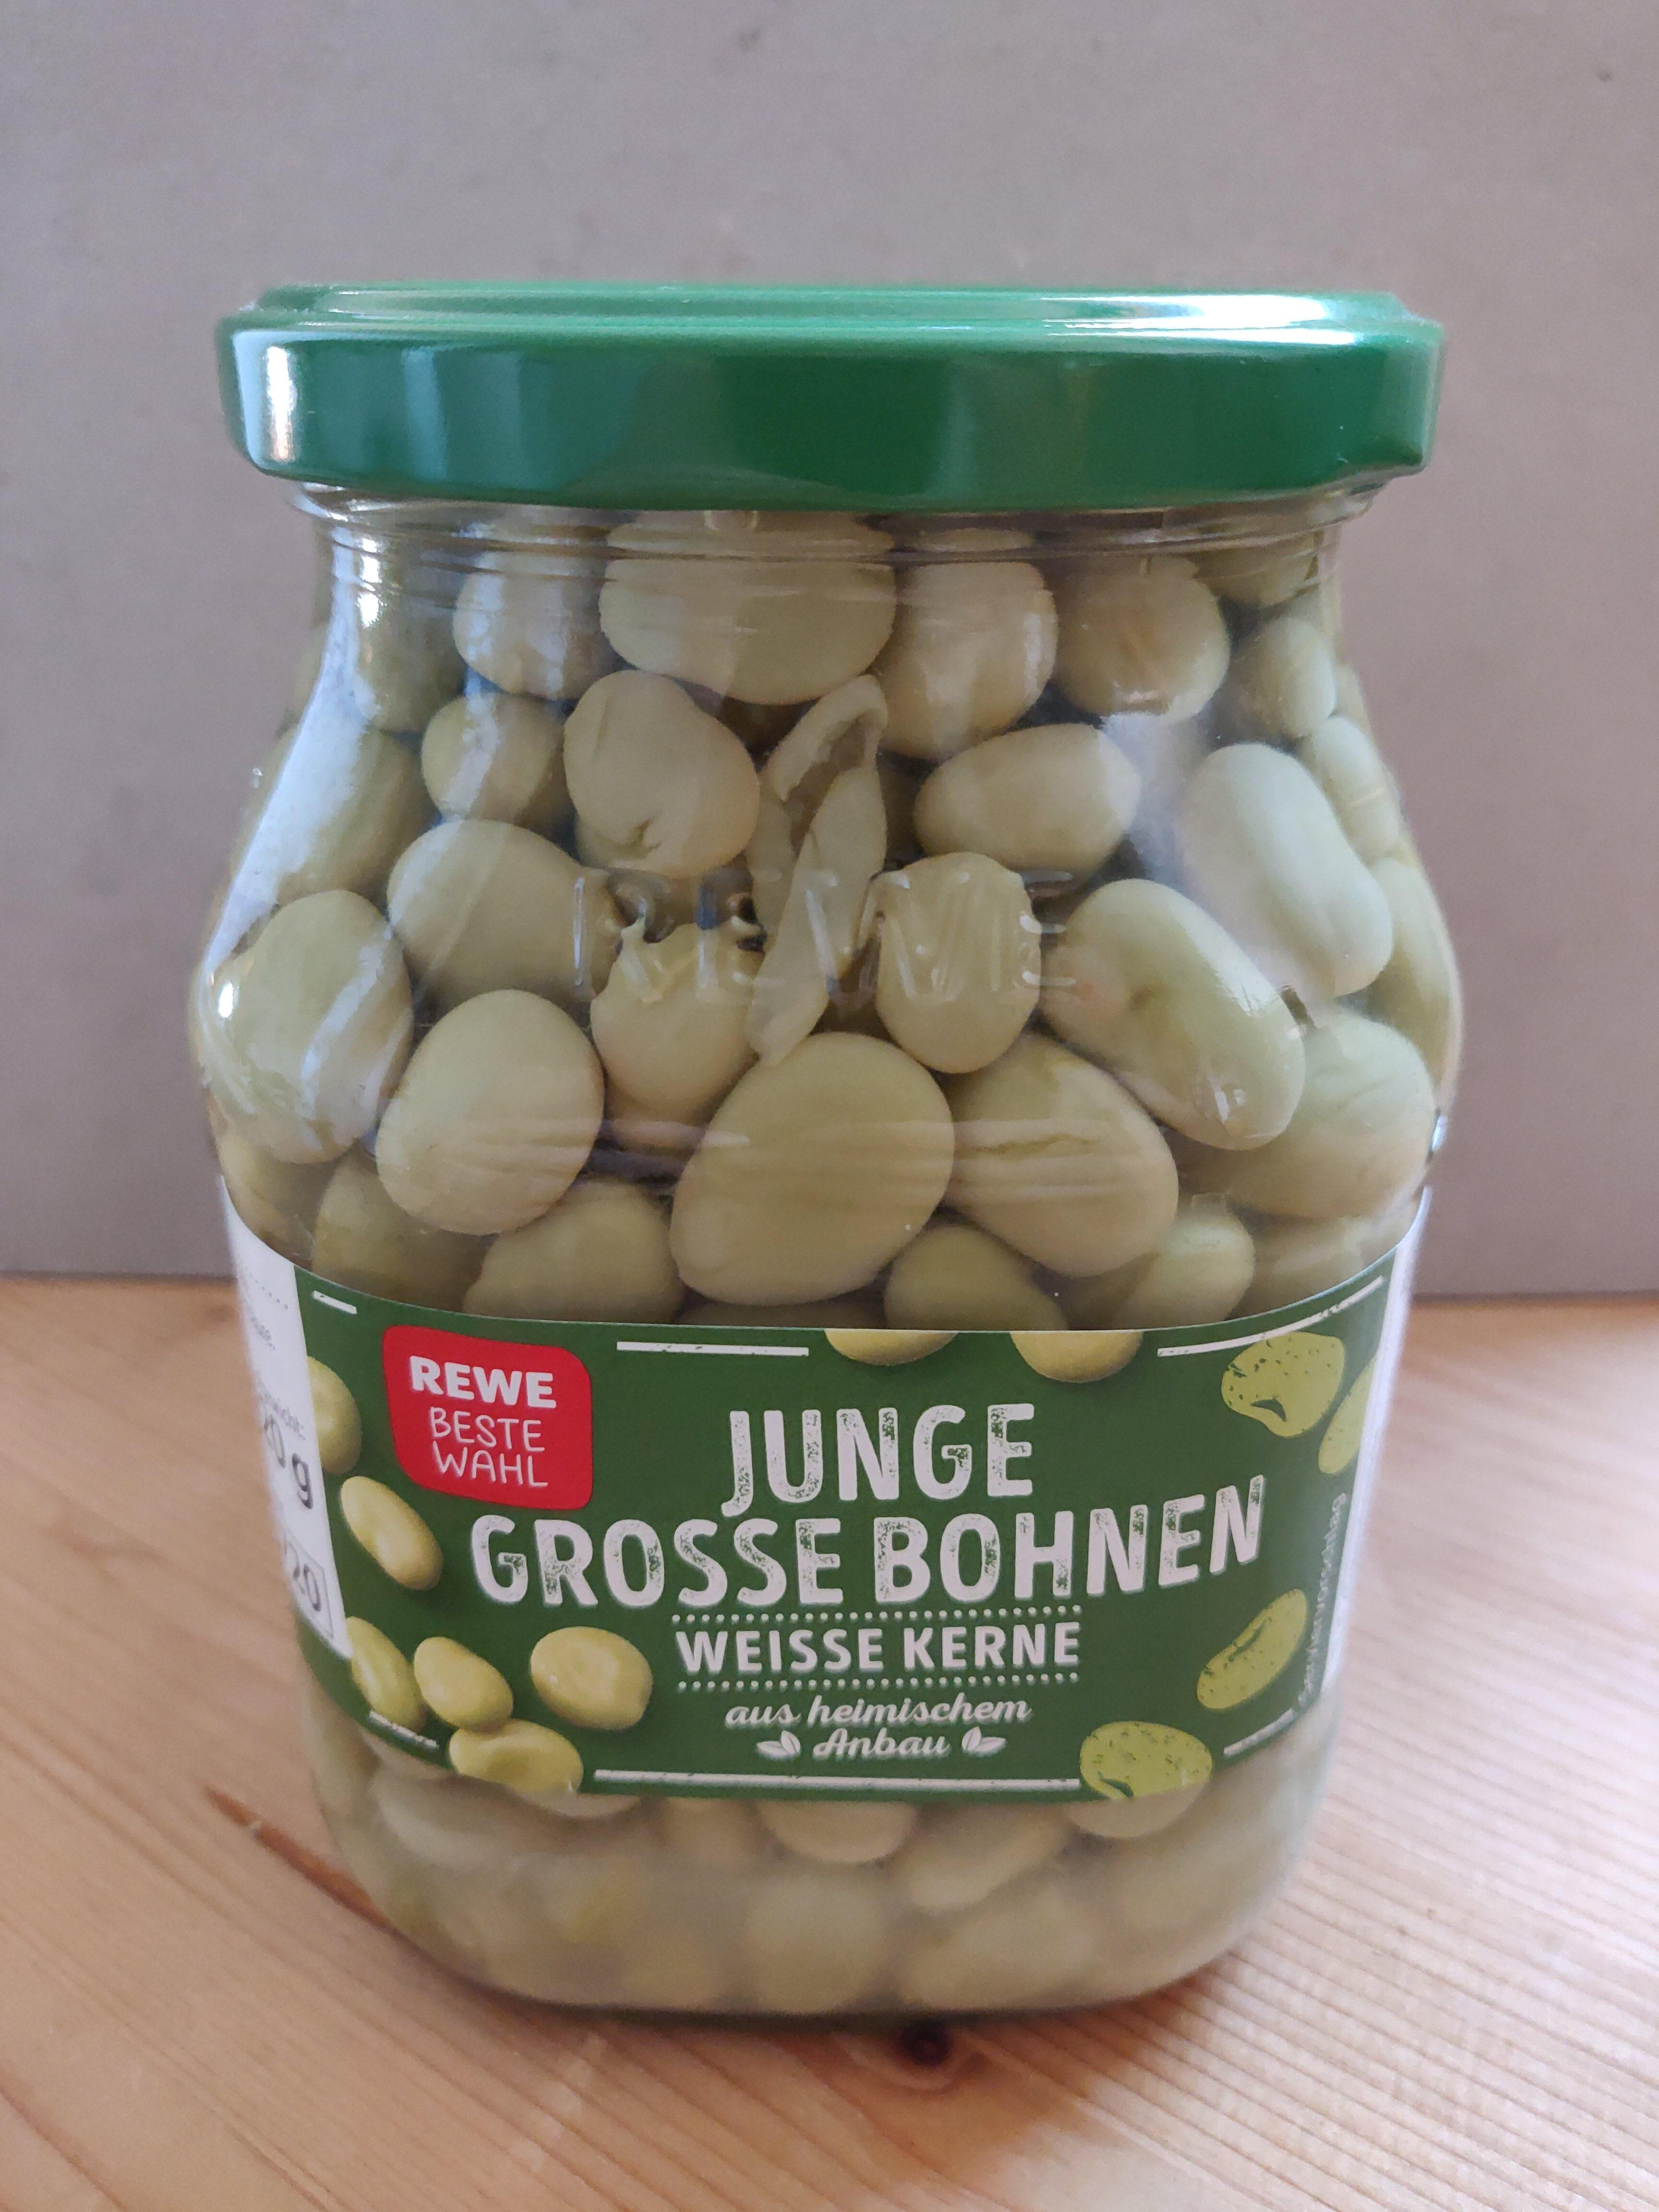 Junge Große Bohnen - Produit - en